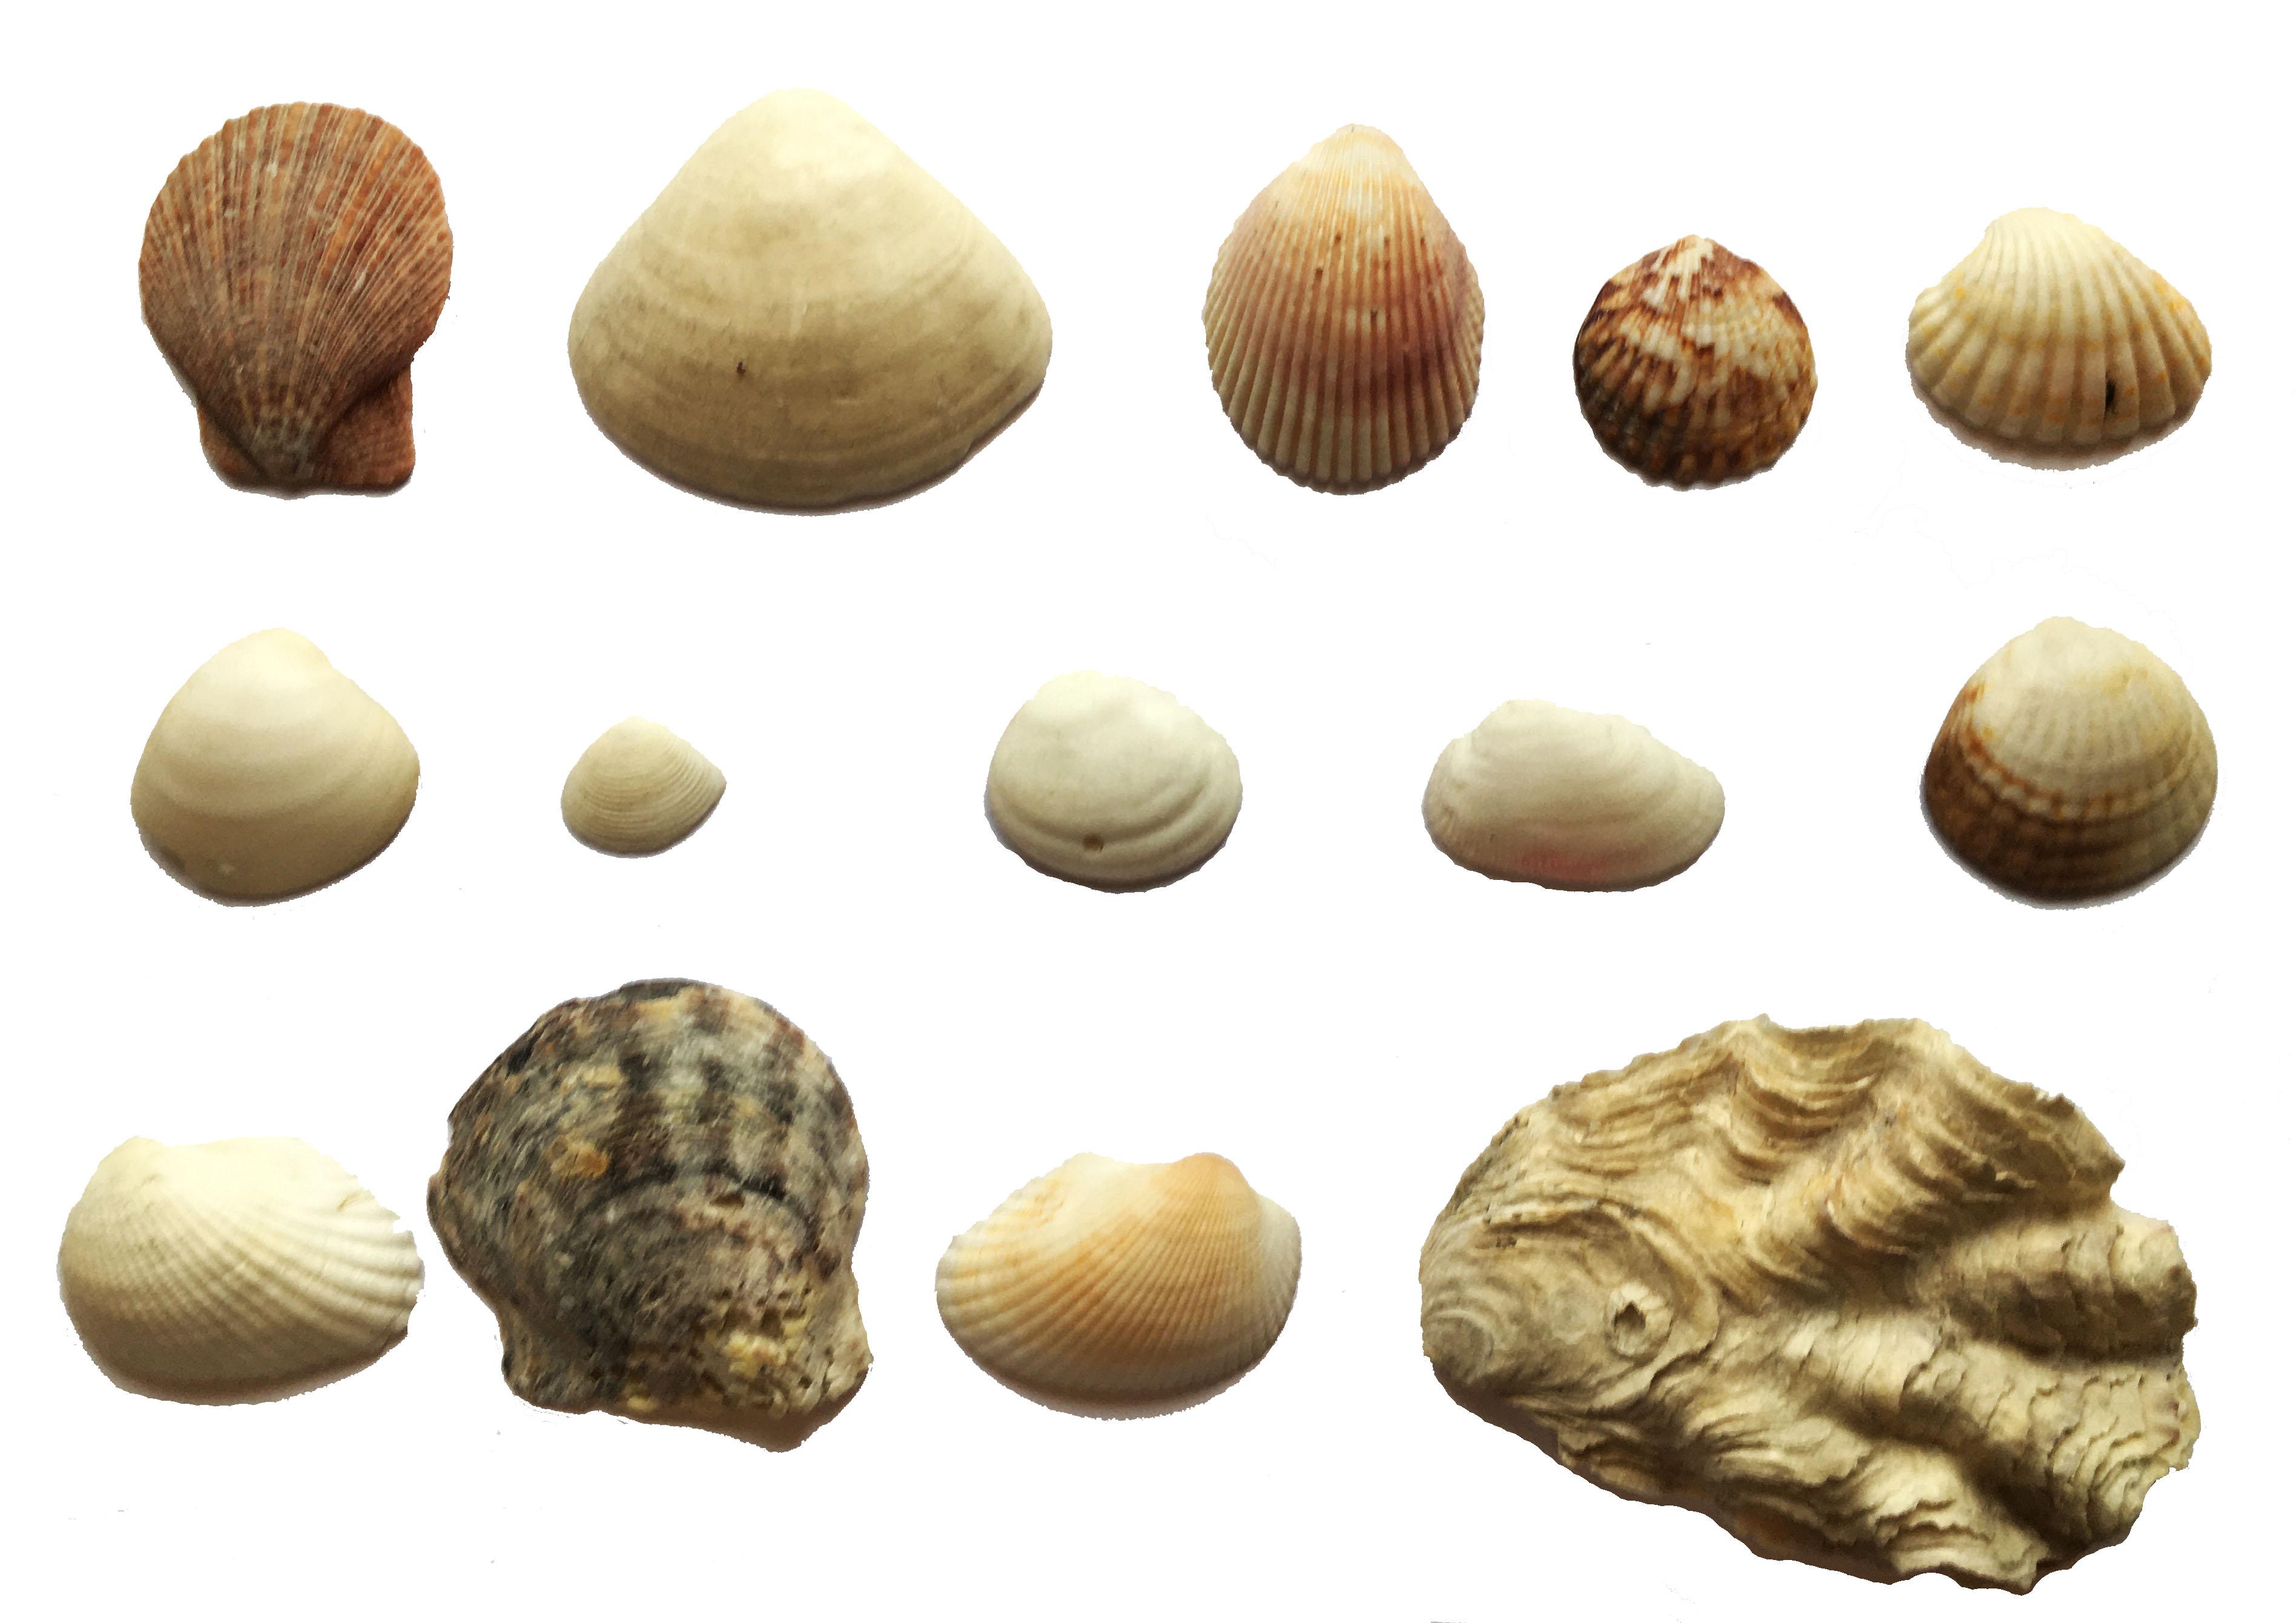 Photograph of a selection of bivalve molluscs